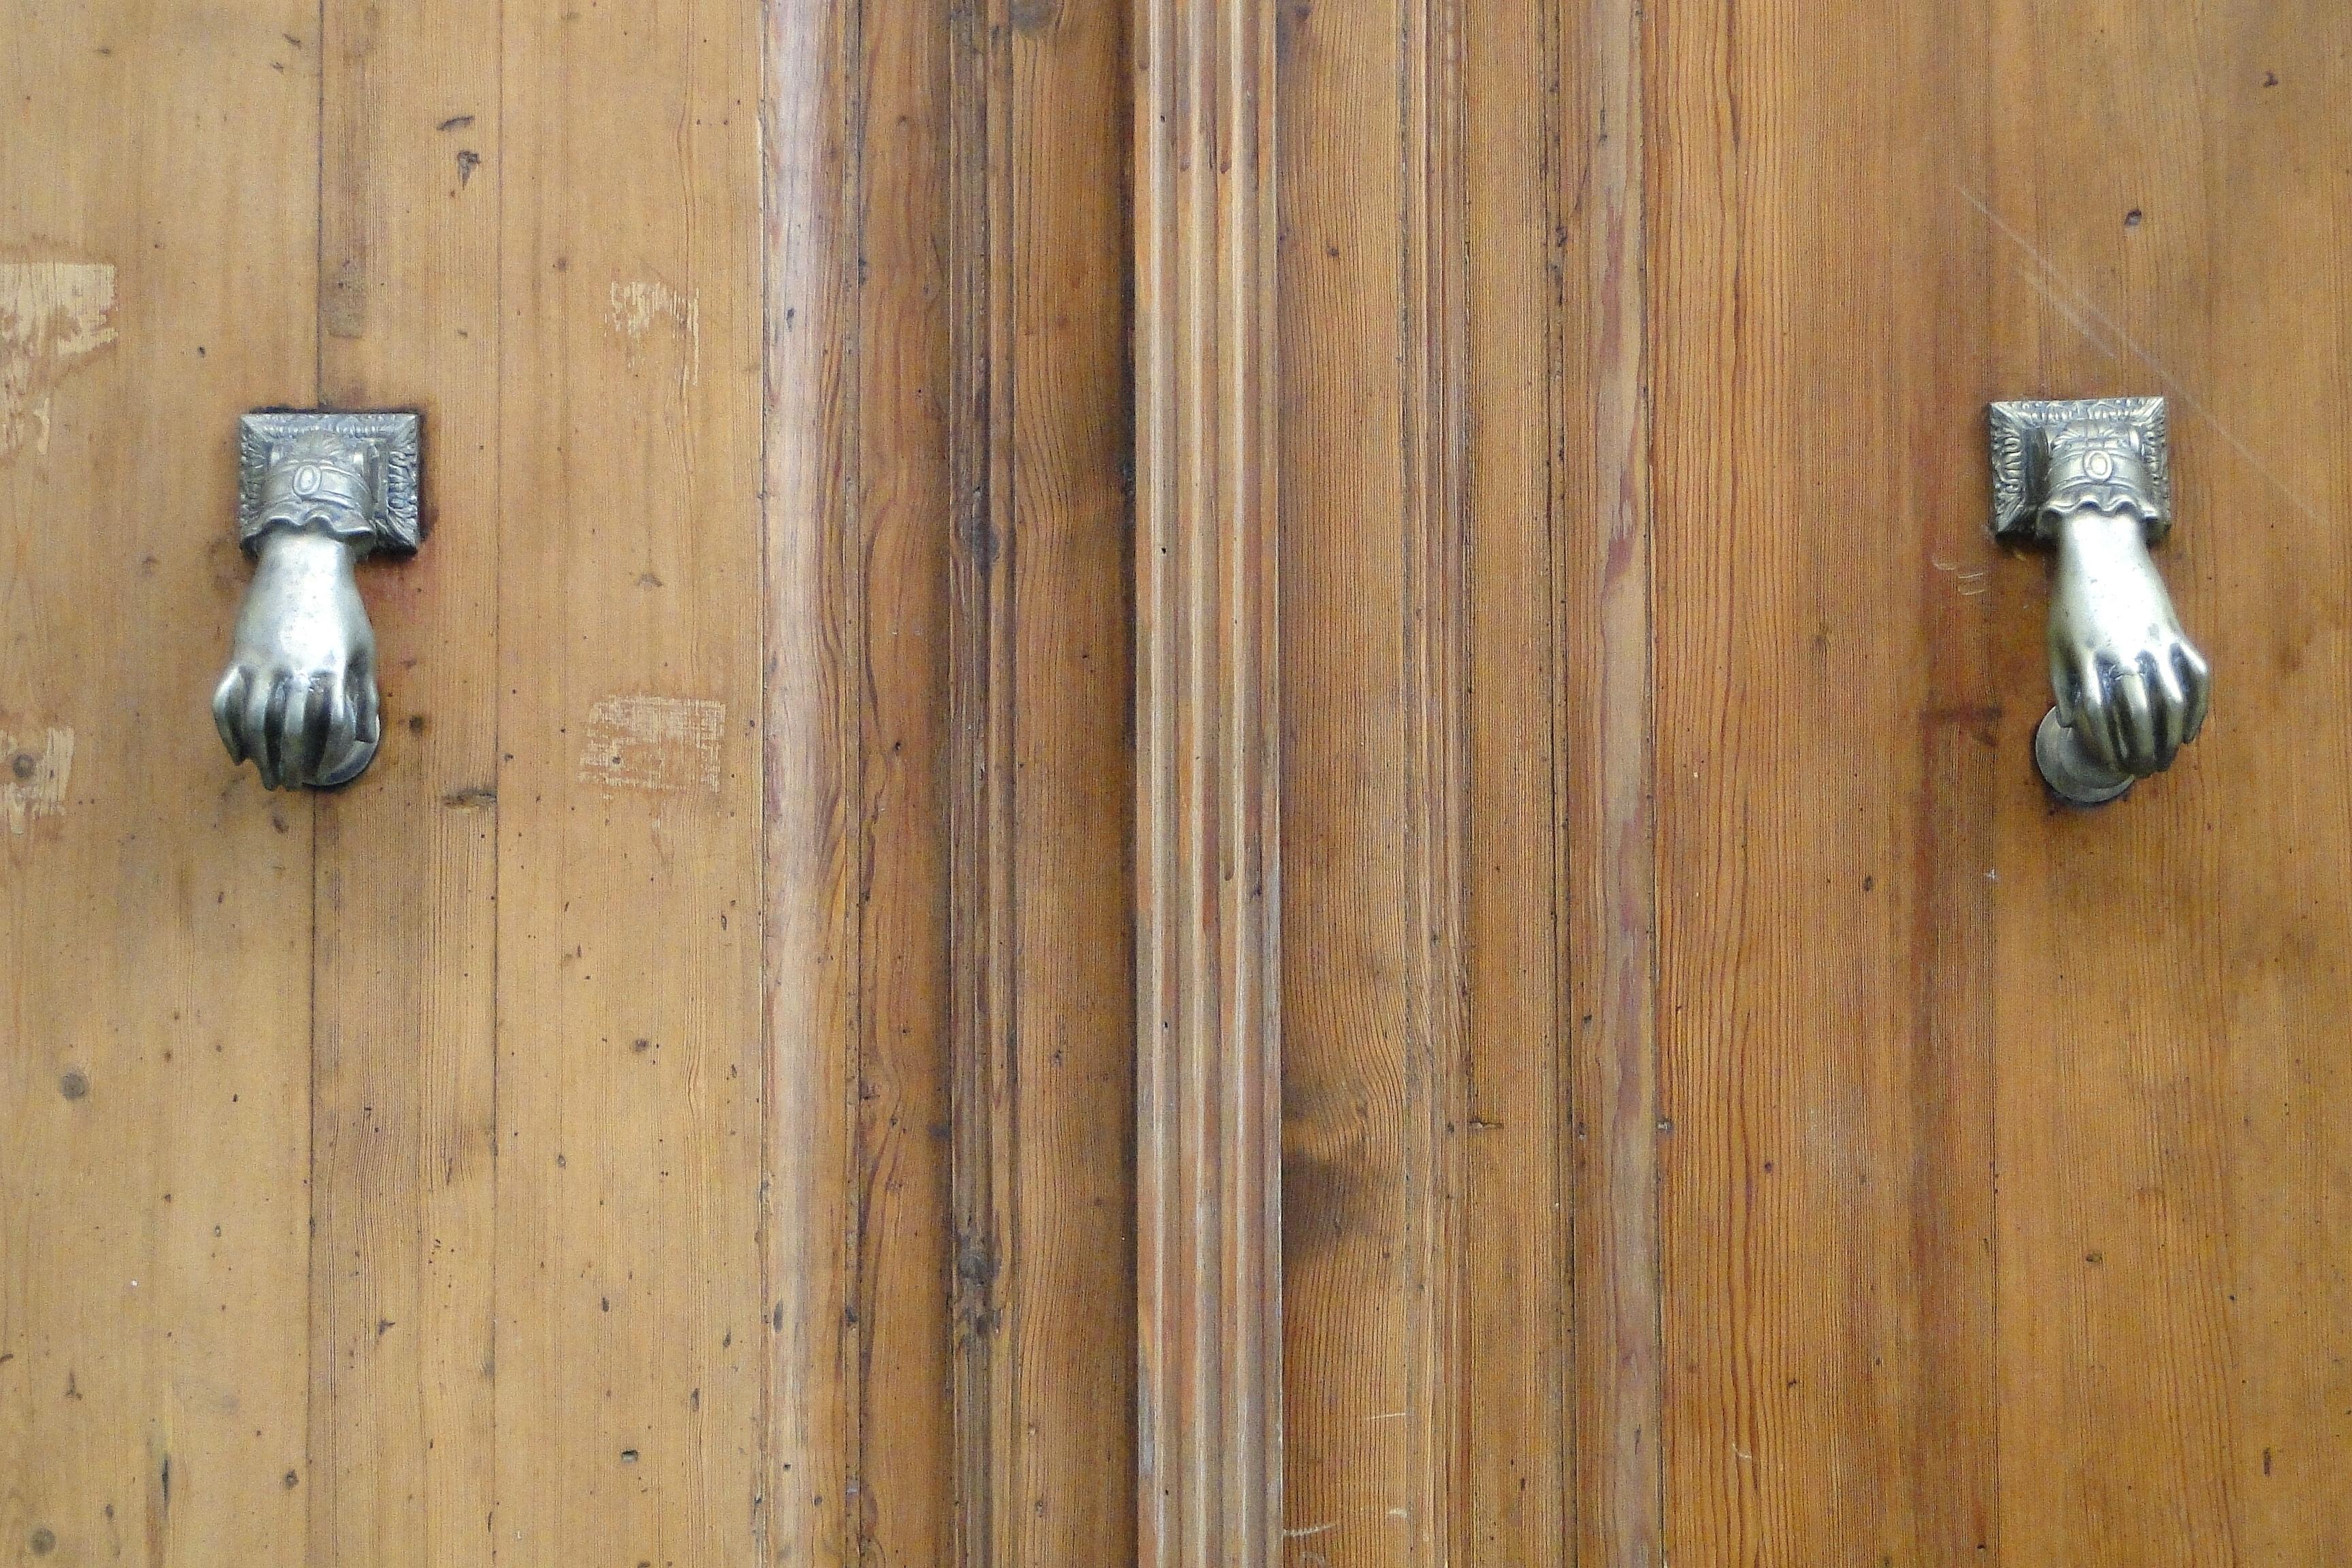 FileDoor Knockers in Shape of Human Hands - Granada - Spain.jpg & File:Door Knockers in Shape of Human Hands - Granada - Spain.jpg ...